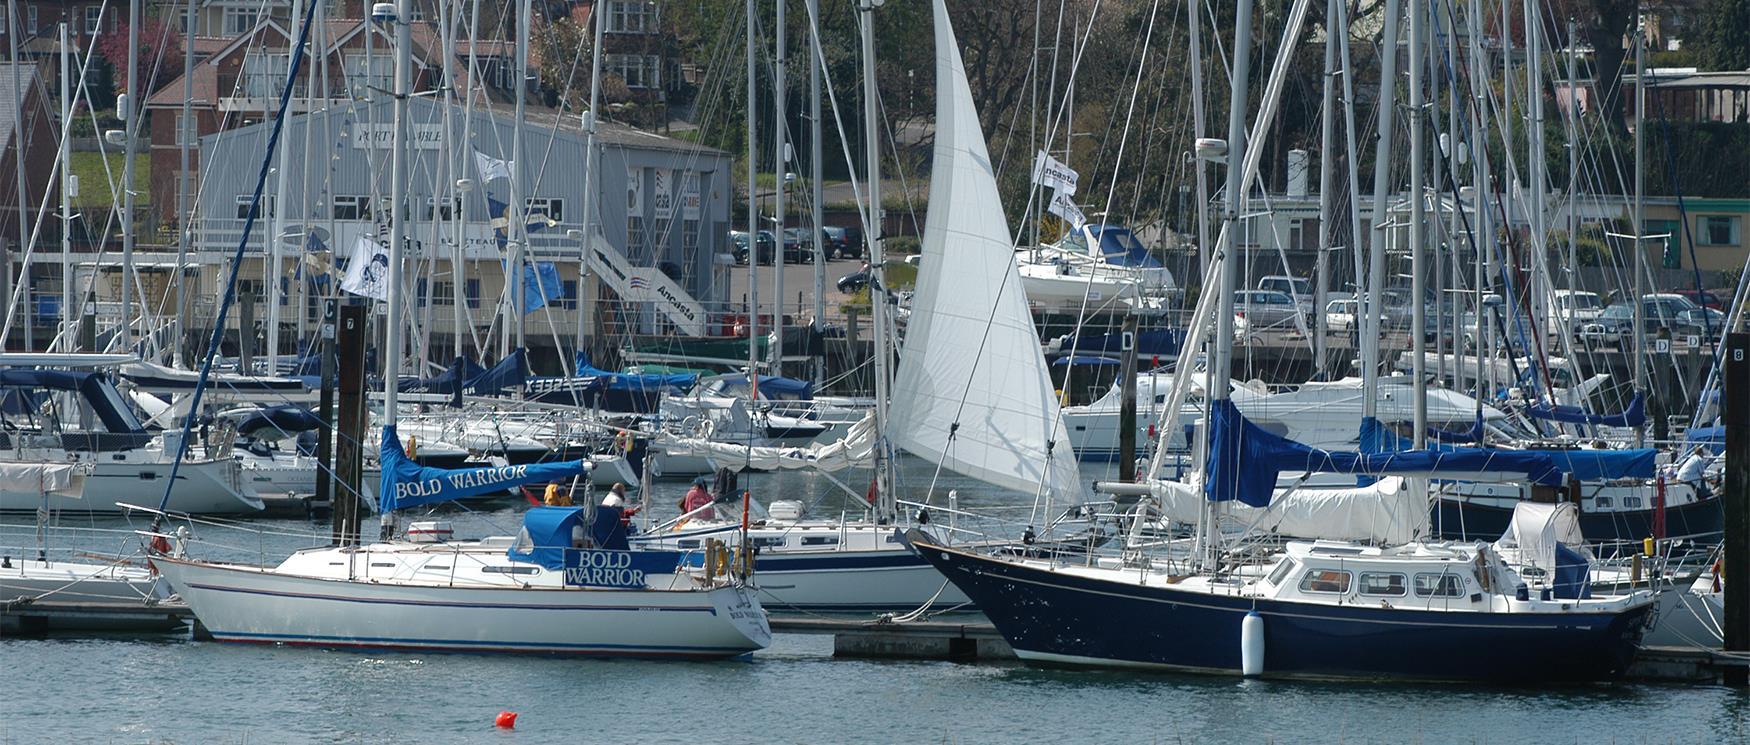 Hamble Marina